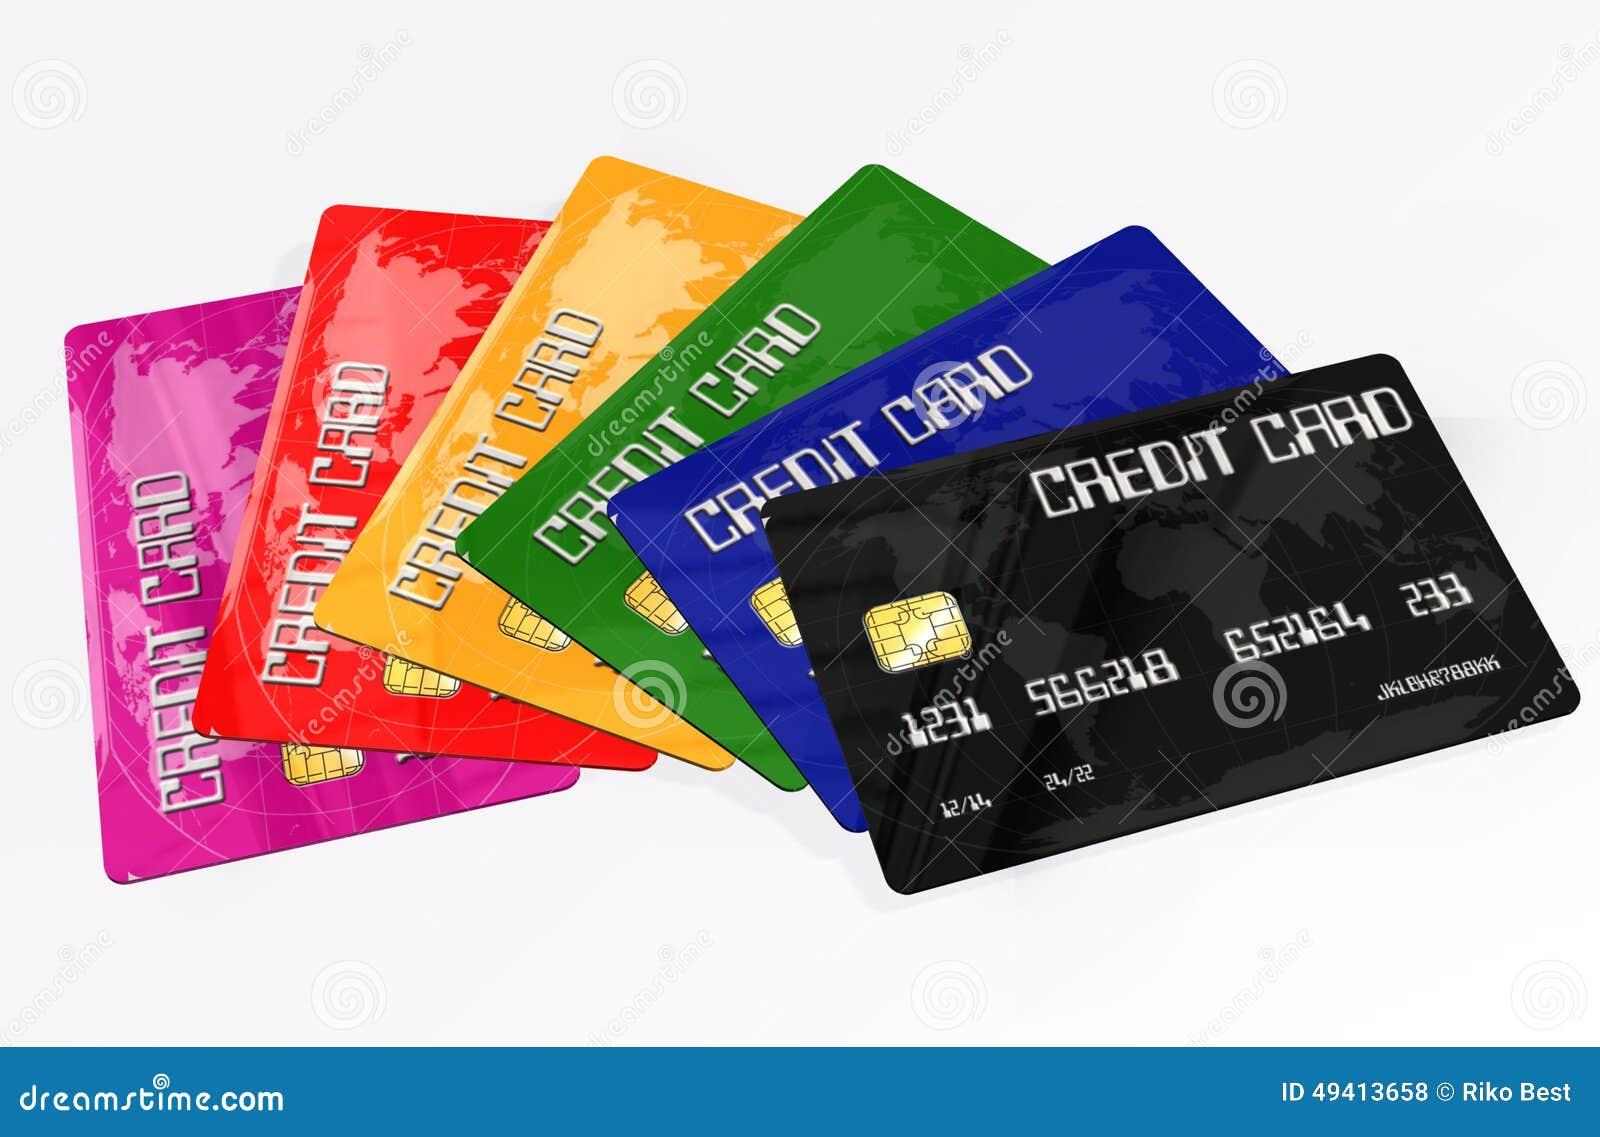 Download Kreditkarten Auf Weißem Hintergrund Stock Abbildung - Illustration von verriegelung, internet: 49413658